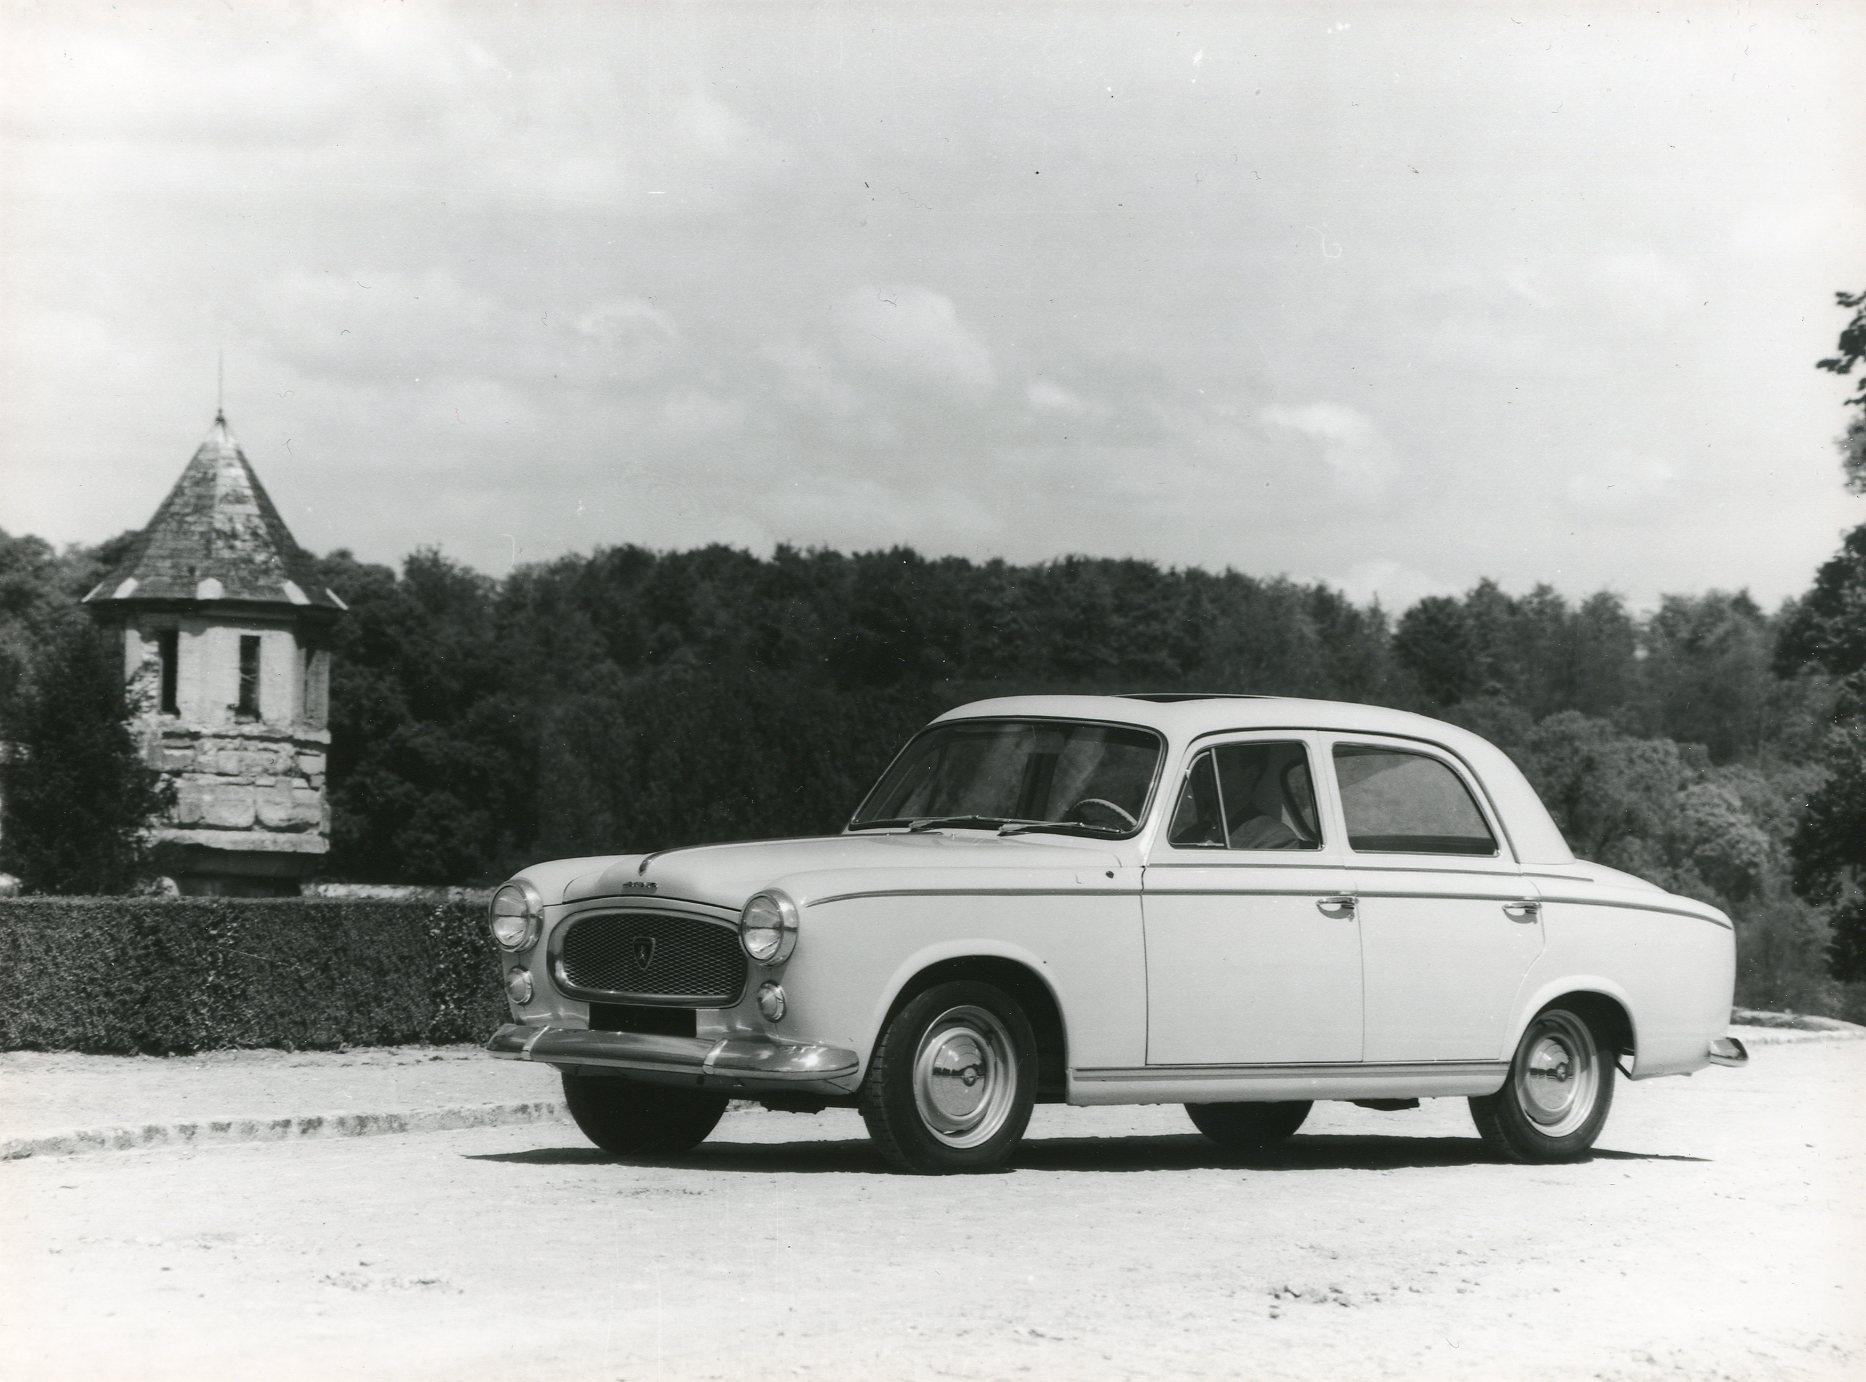 PEUGEOT-403-Diesel-1